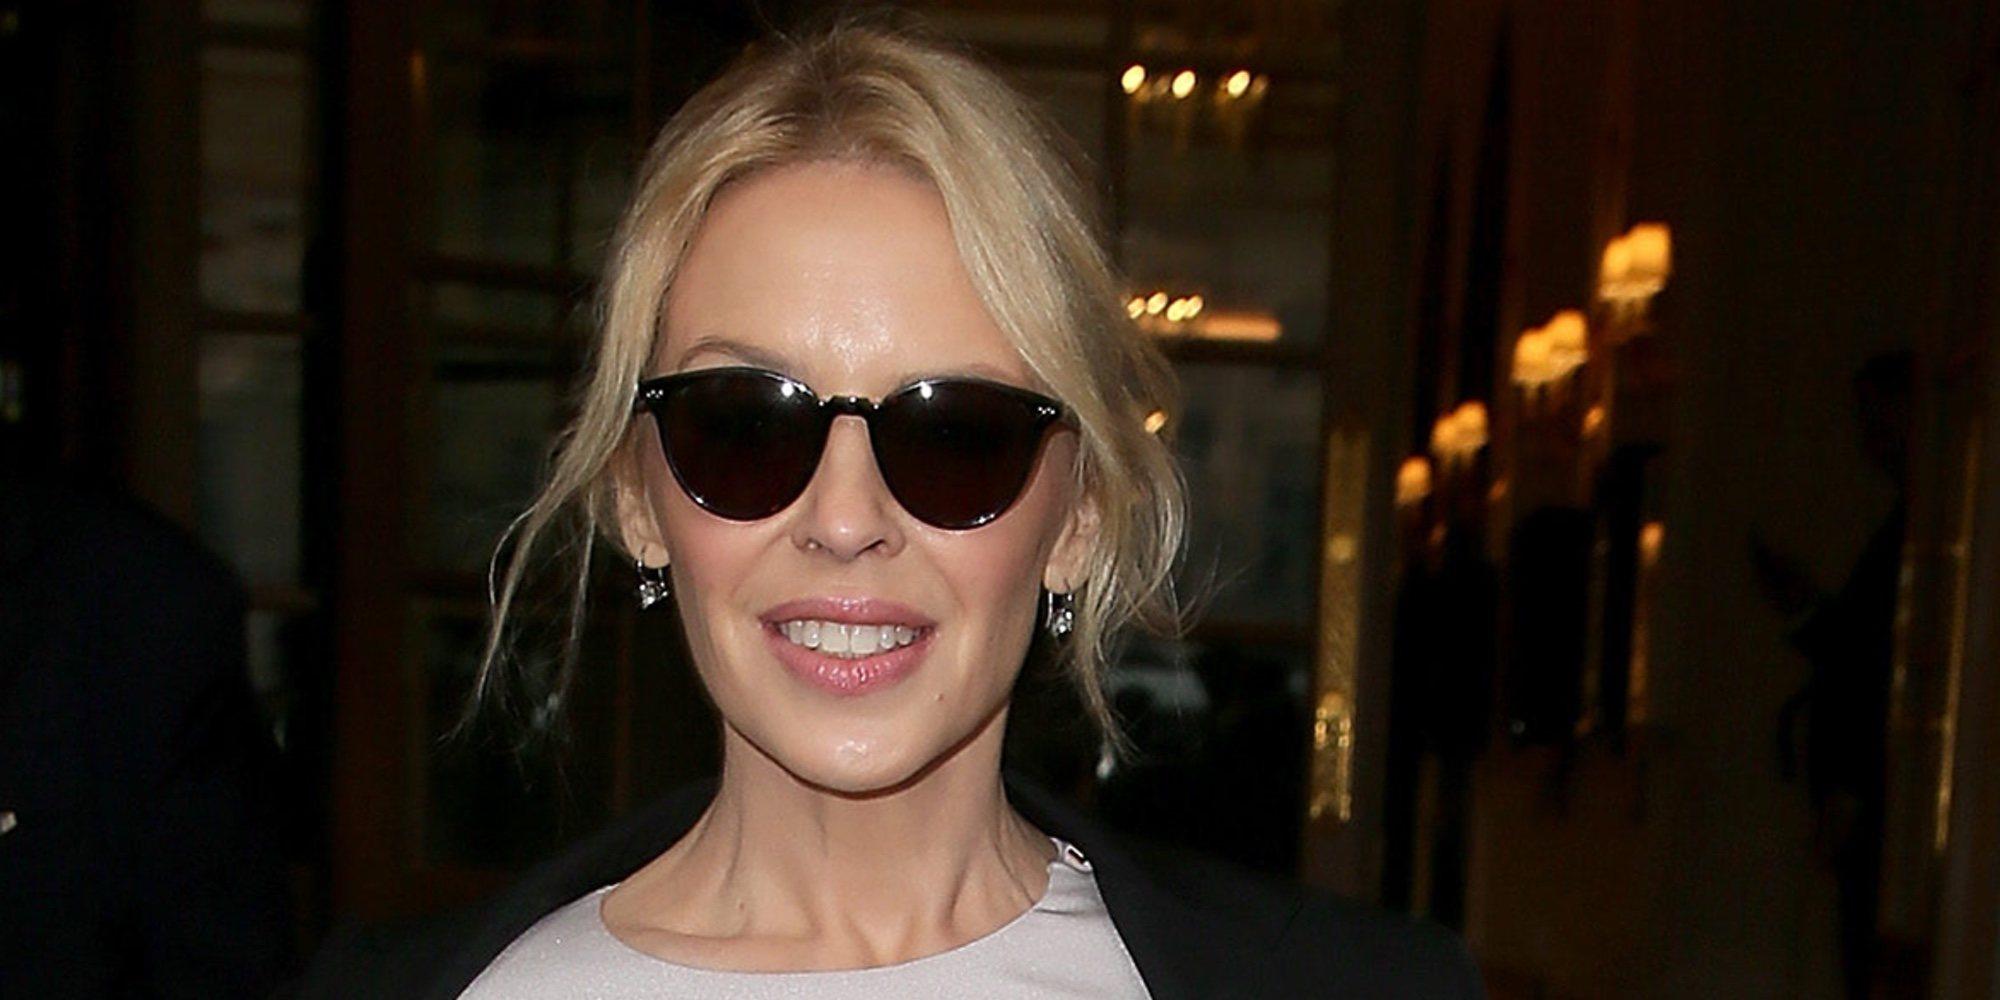 """Kylie Minogue prefiere ser soltera: """"Estar comprometida era como un experimento, nunca me imaginé casada"""""""